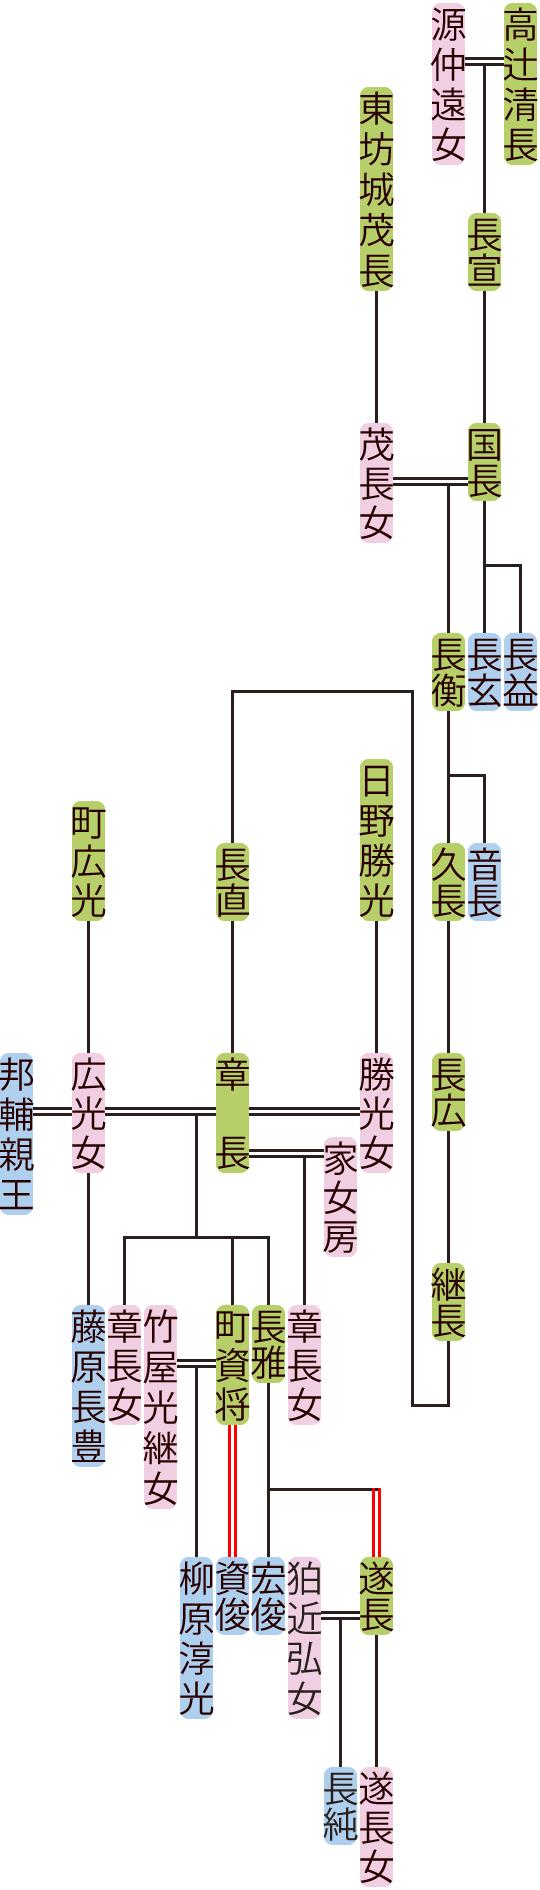 高辻国長~長雅の系図